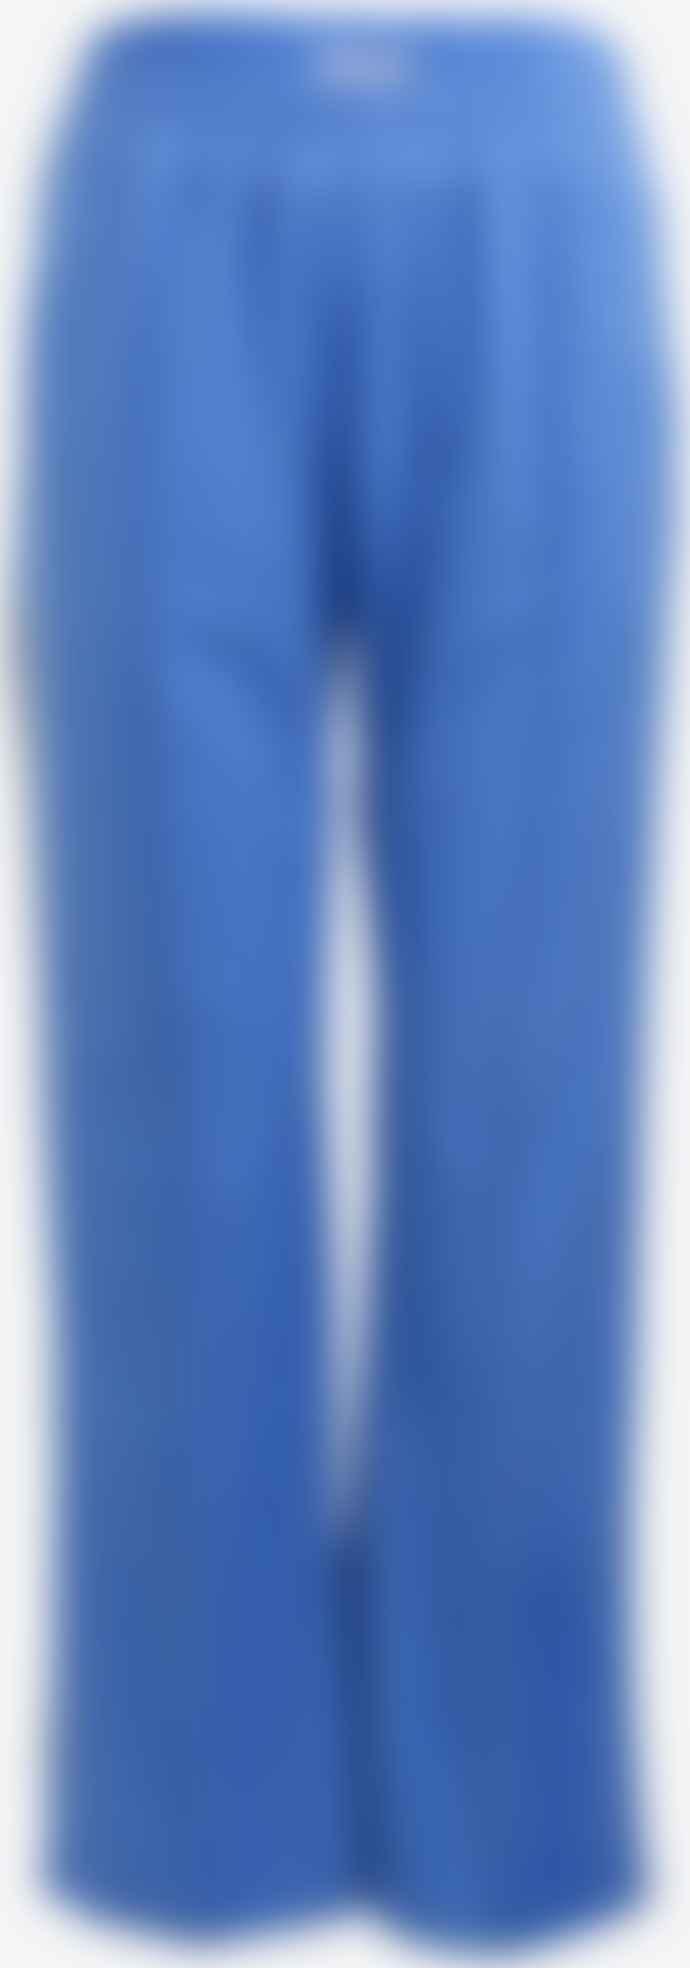 Baum und Pferdgarten Blue Track Pants